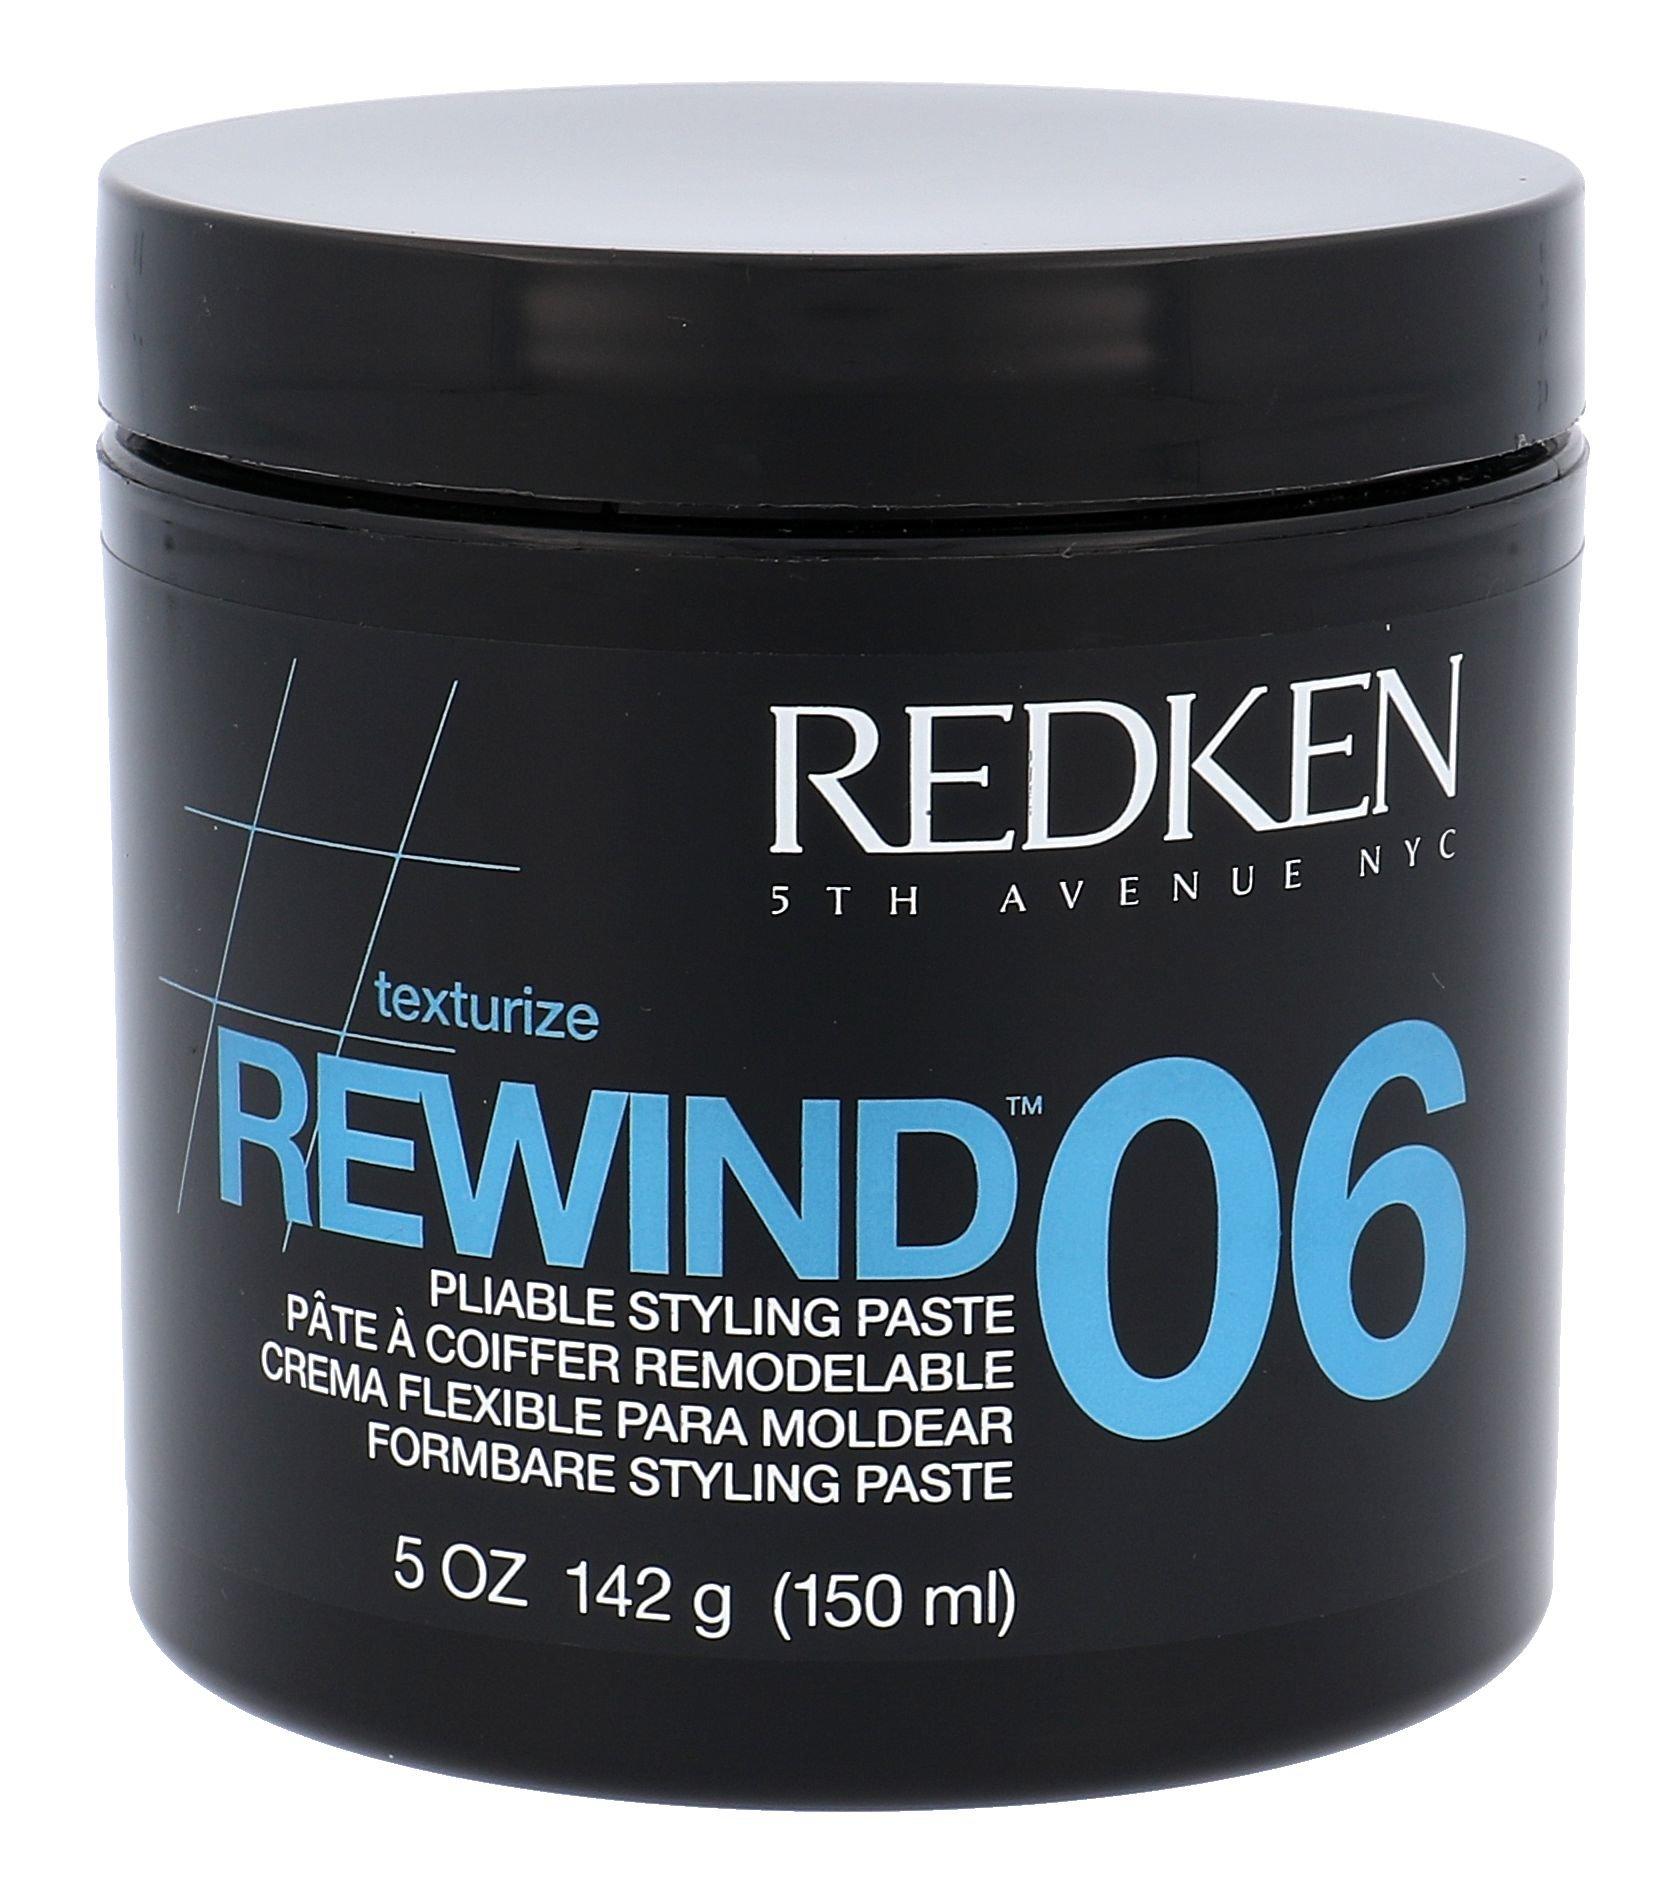 Redken Texture Rewind 06 Cosmetic 150ml